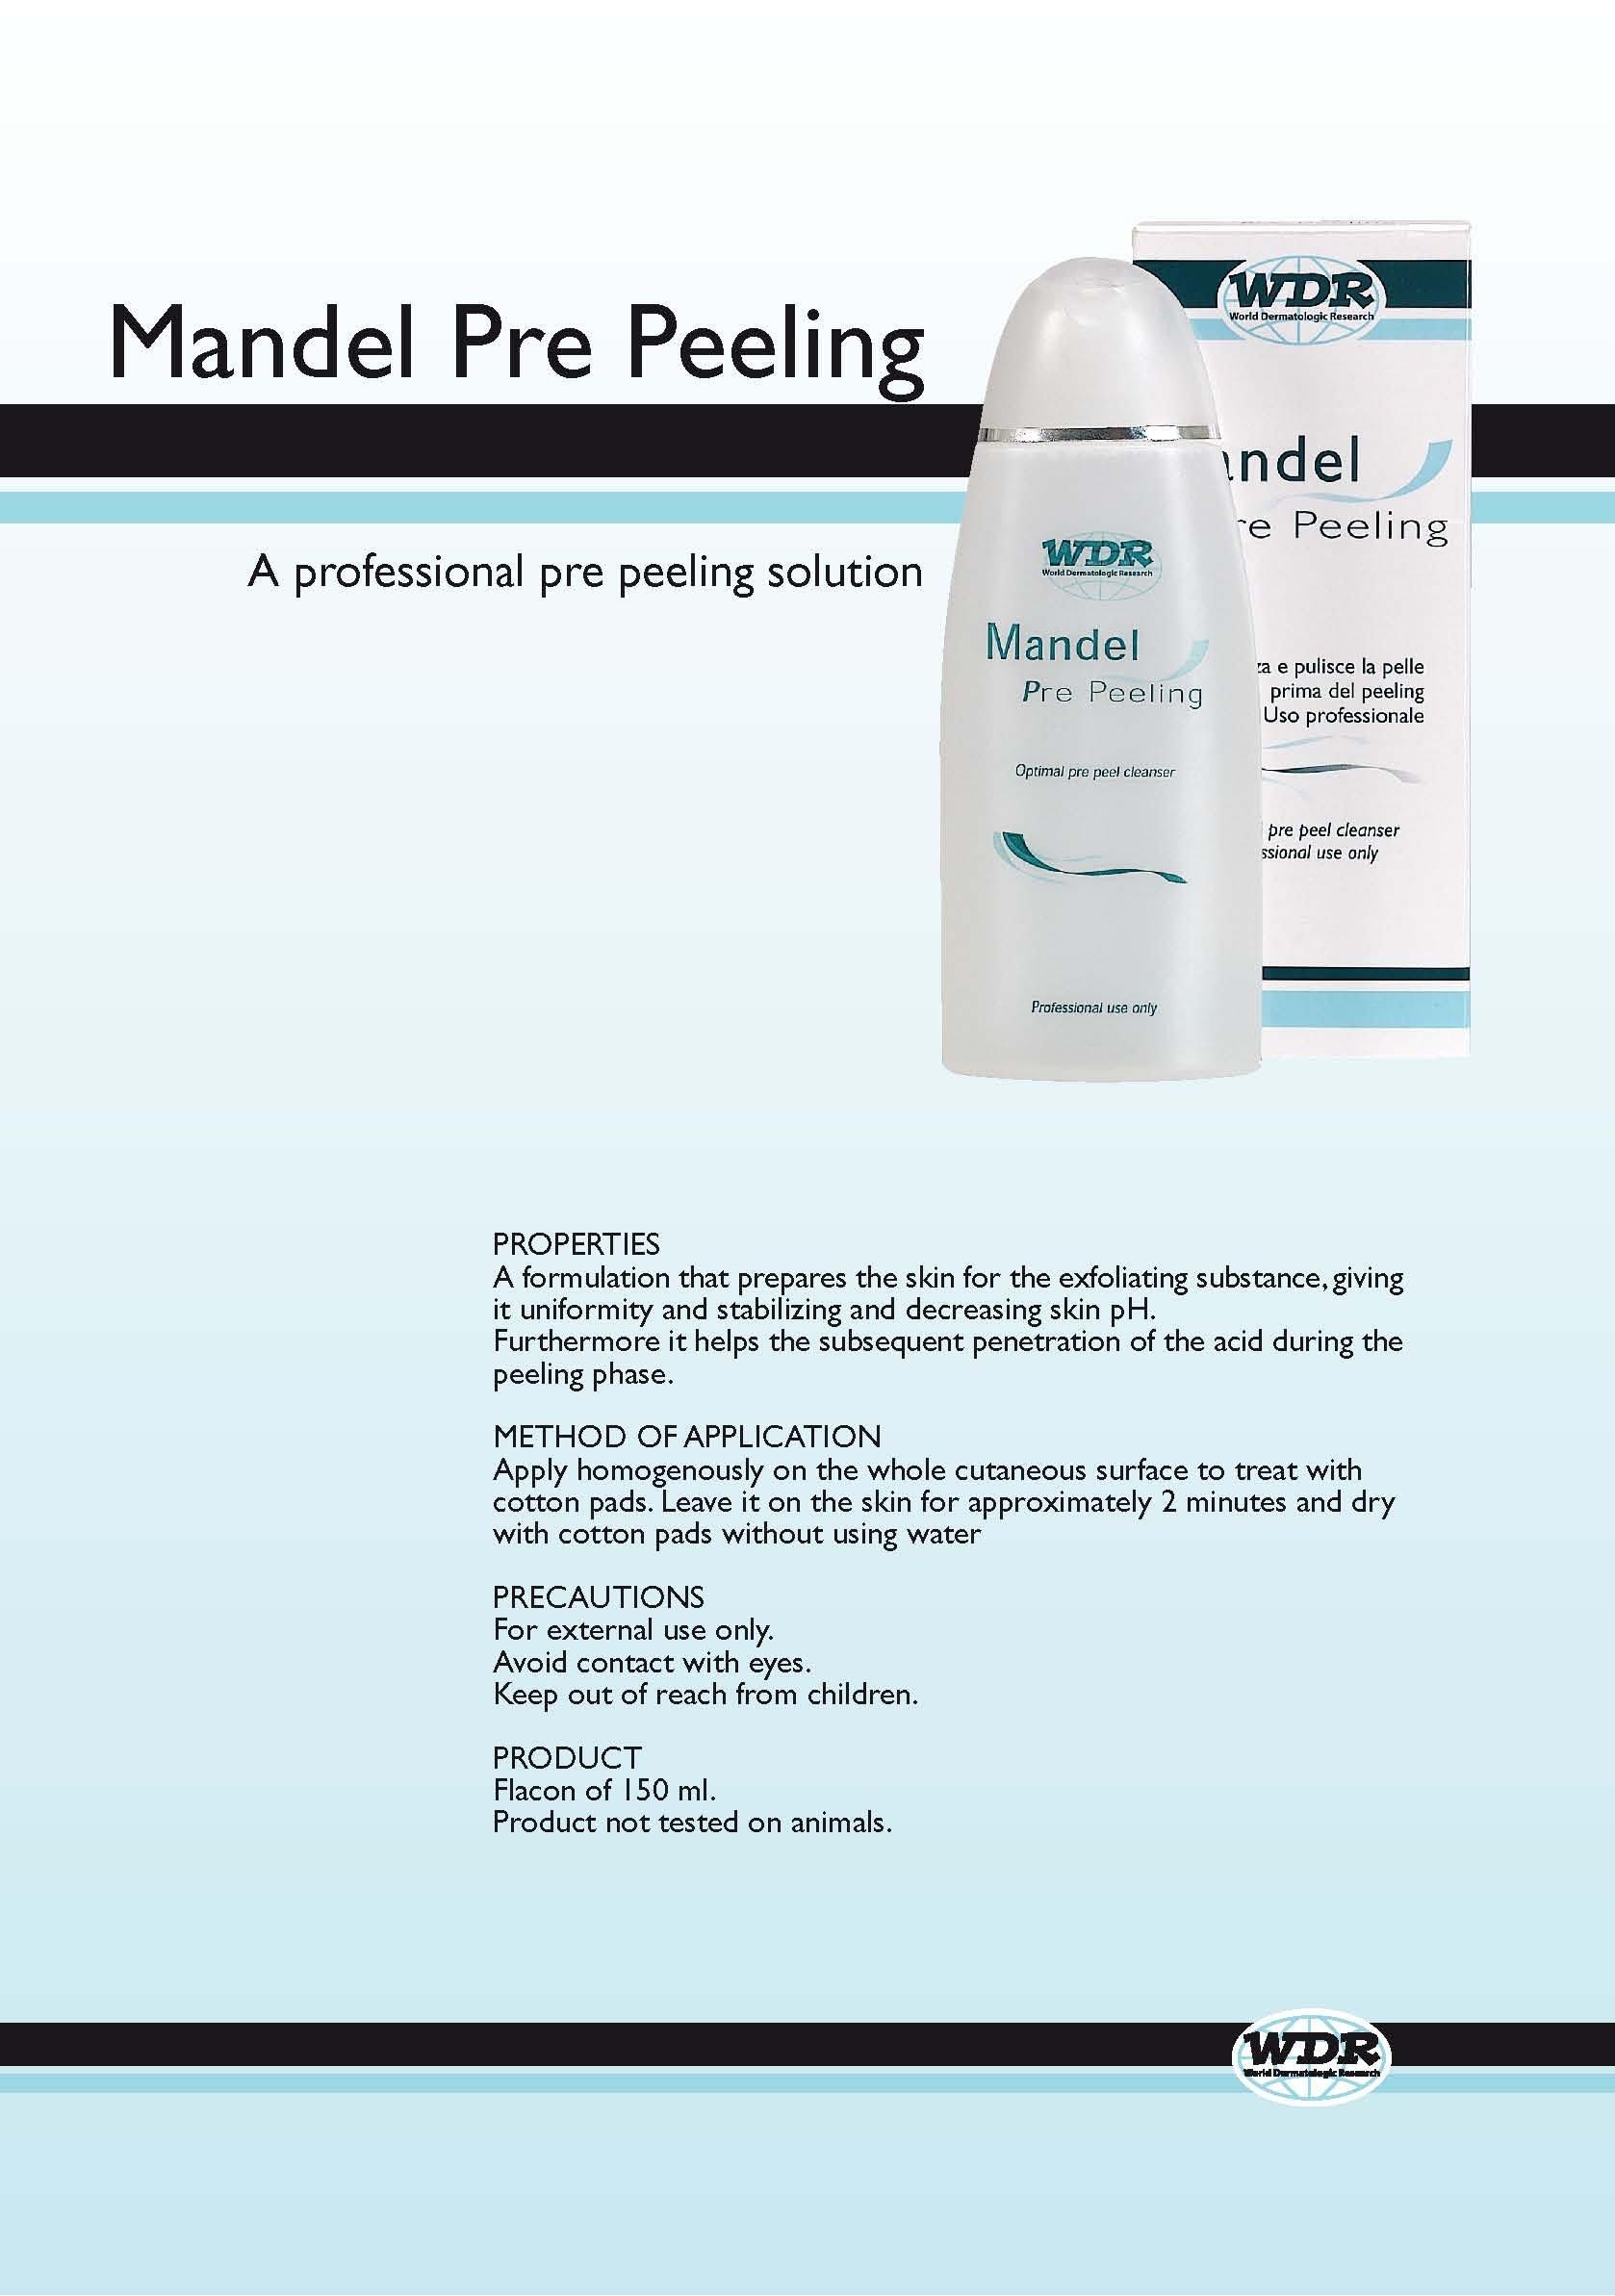 Mandel Pre Peeling